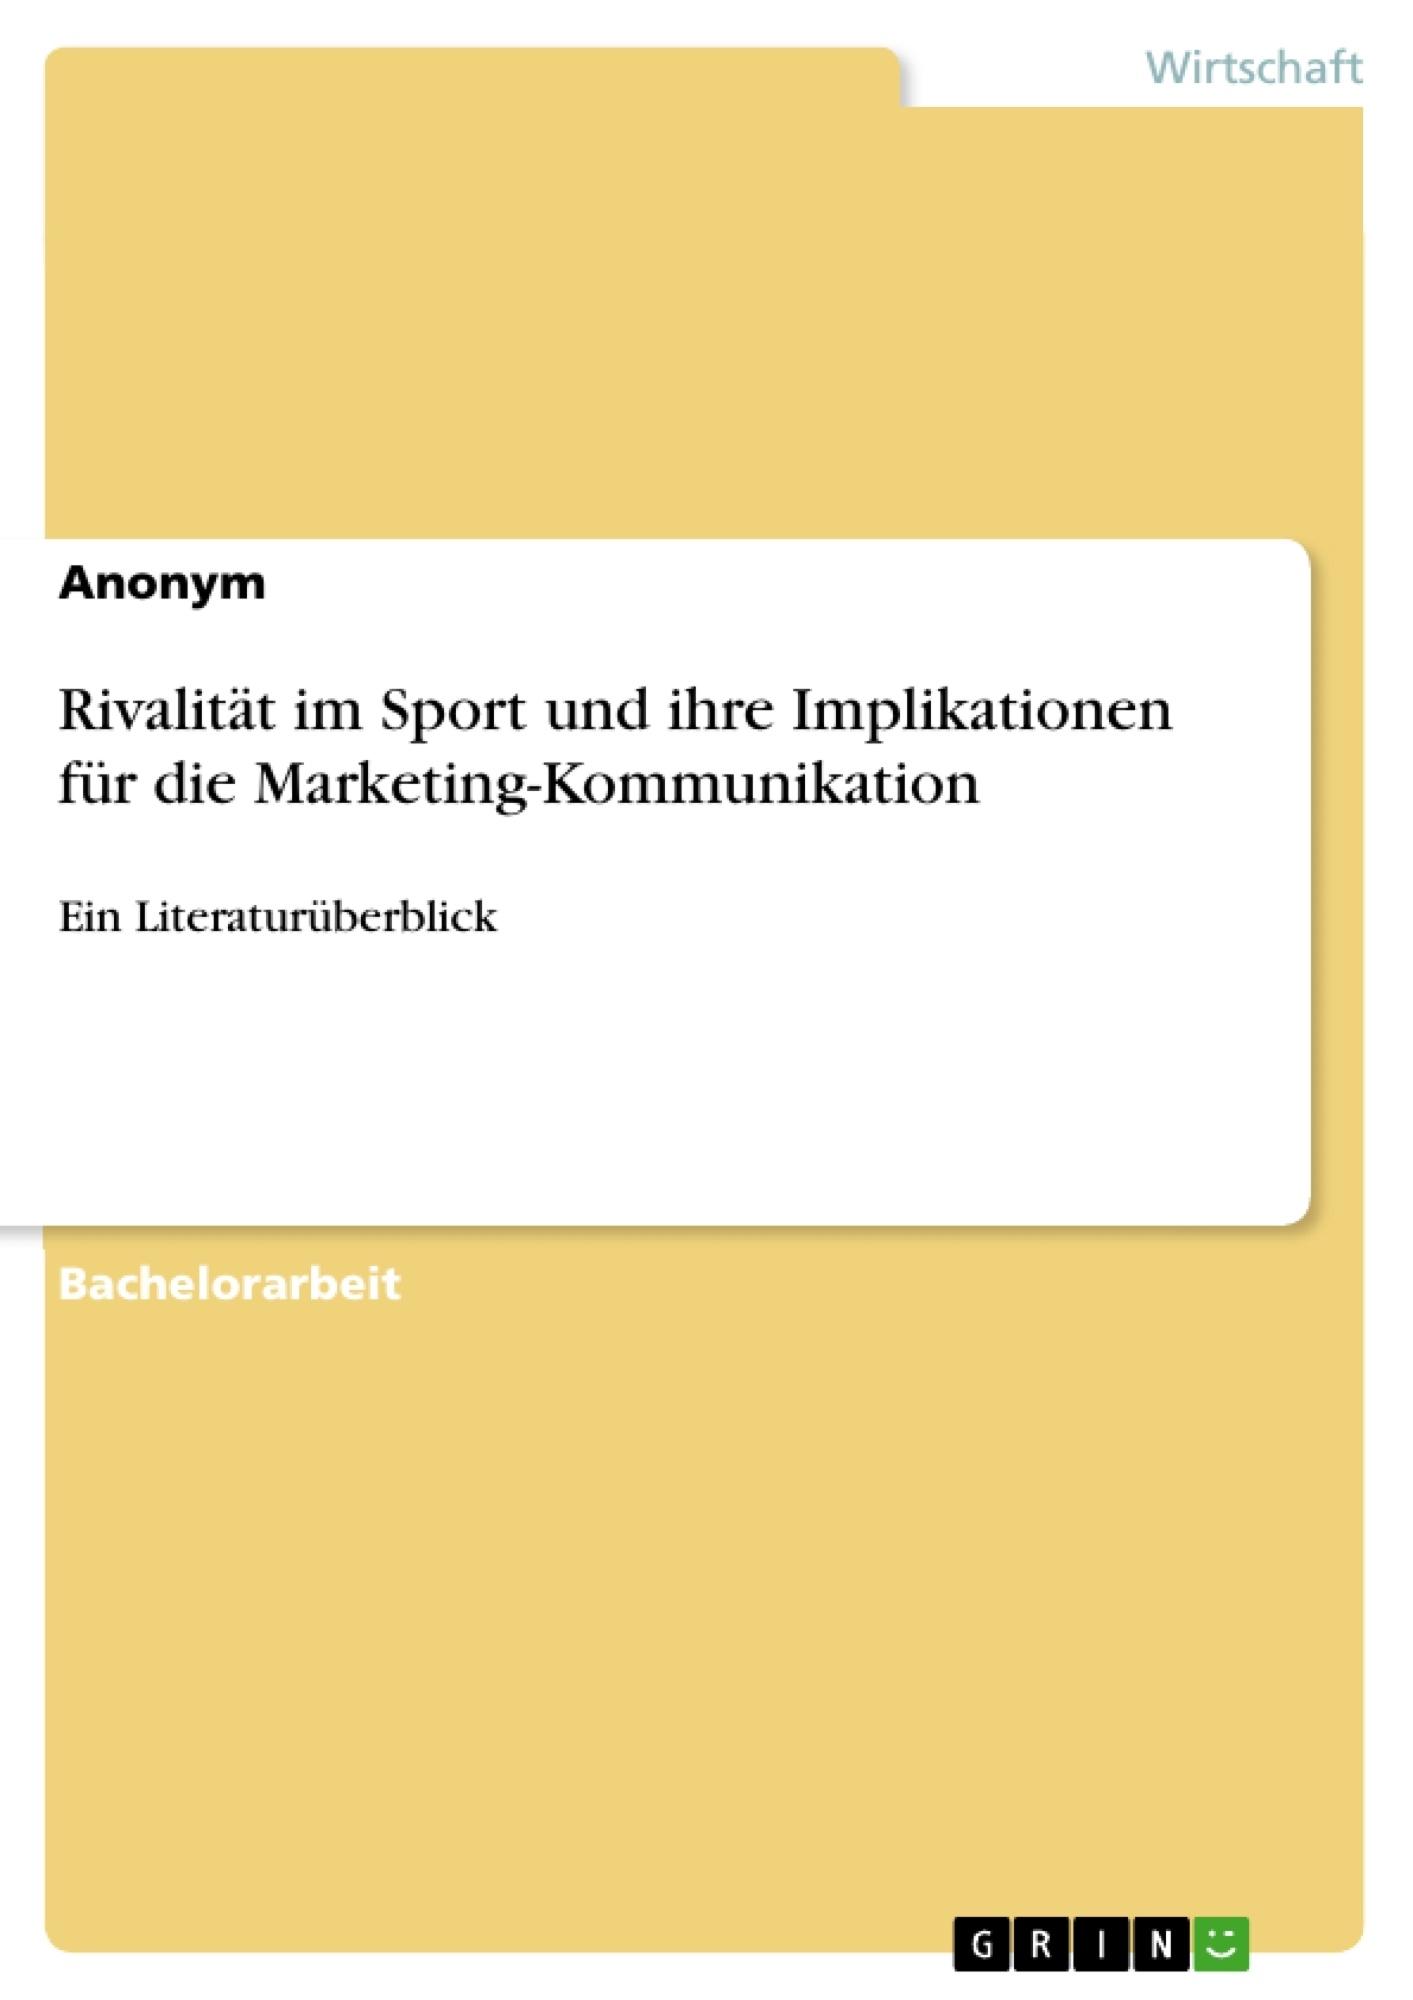 Titel: Rivalität im Sport und ihre Implikationen für die Marketing-Kommunikation